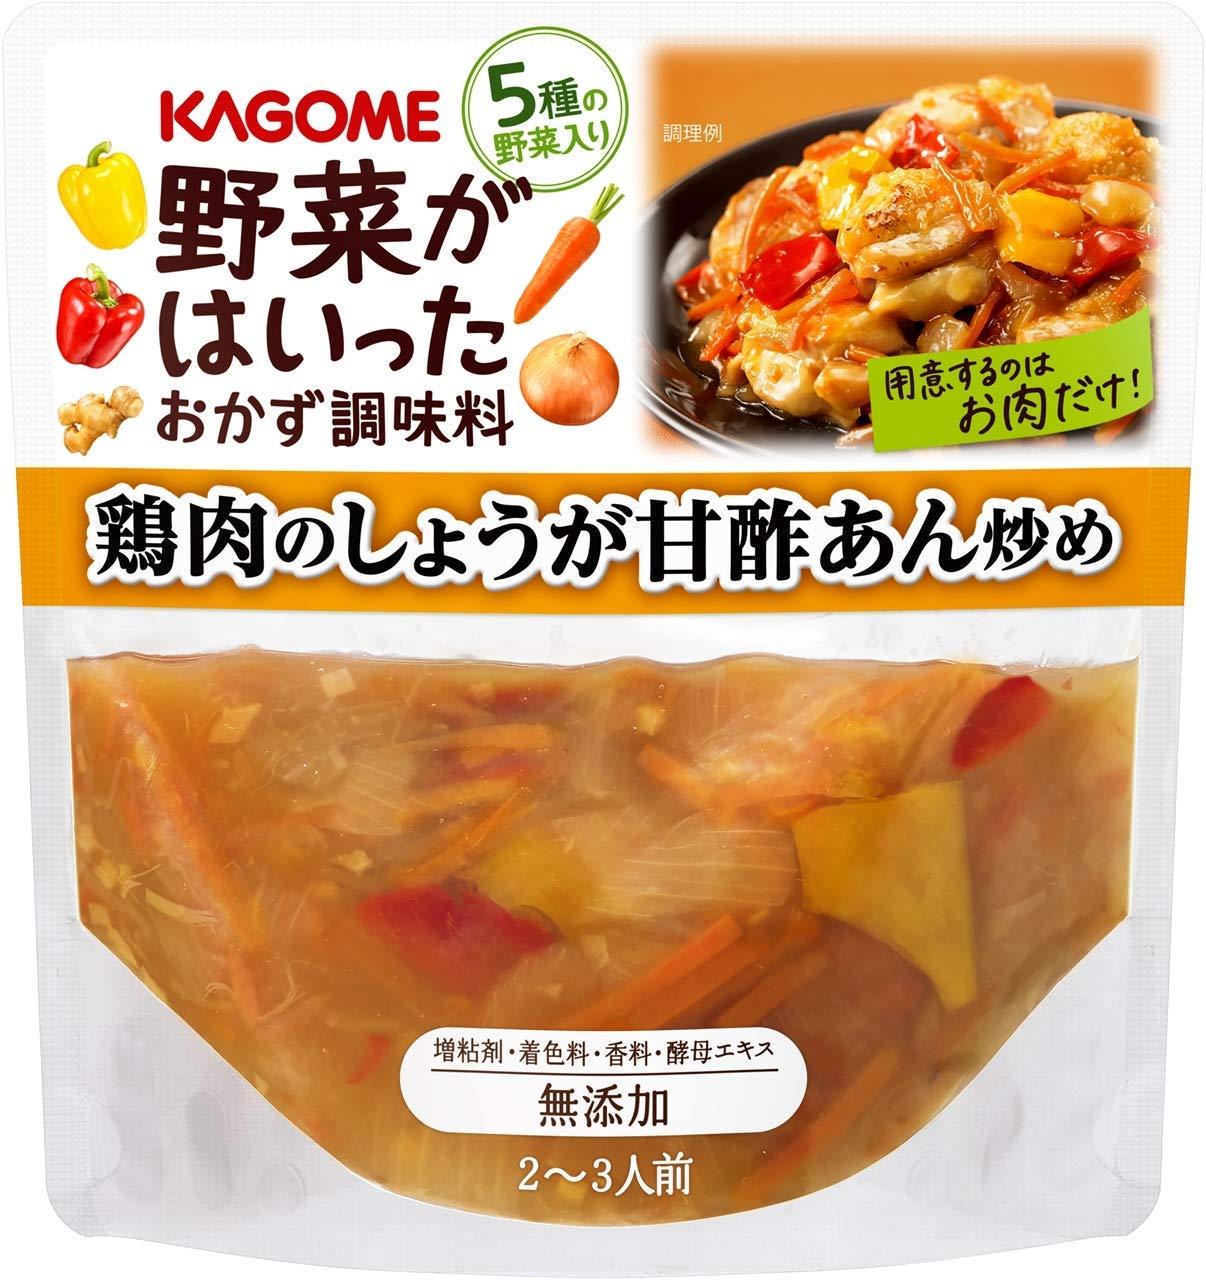 アマゾンでカゴメ 野菜がはいったおかず調味料がセール中。肉を用意してぶっかけるだけで時短ご飯の出来上がり。